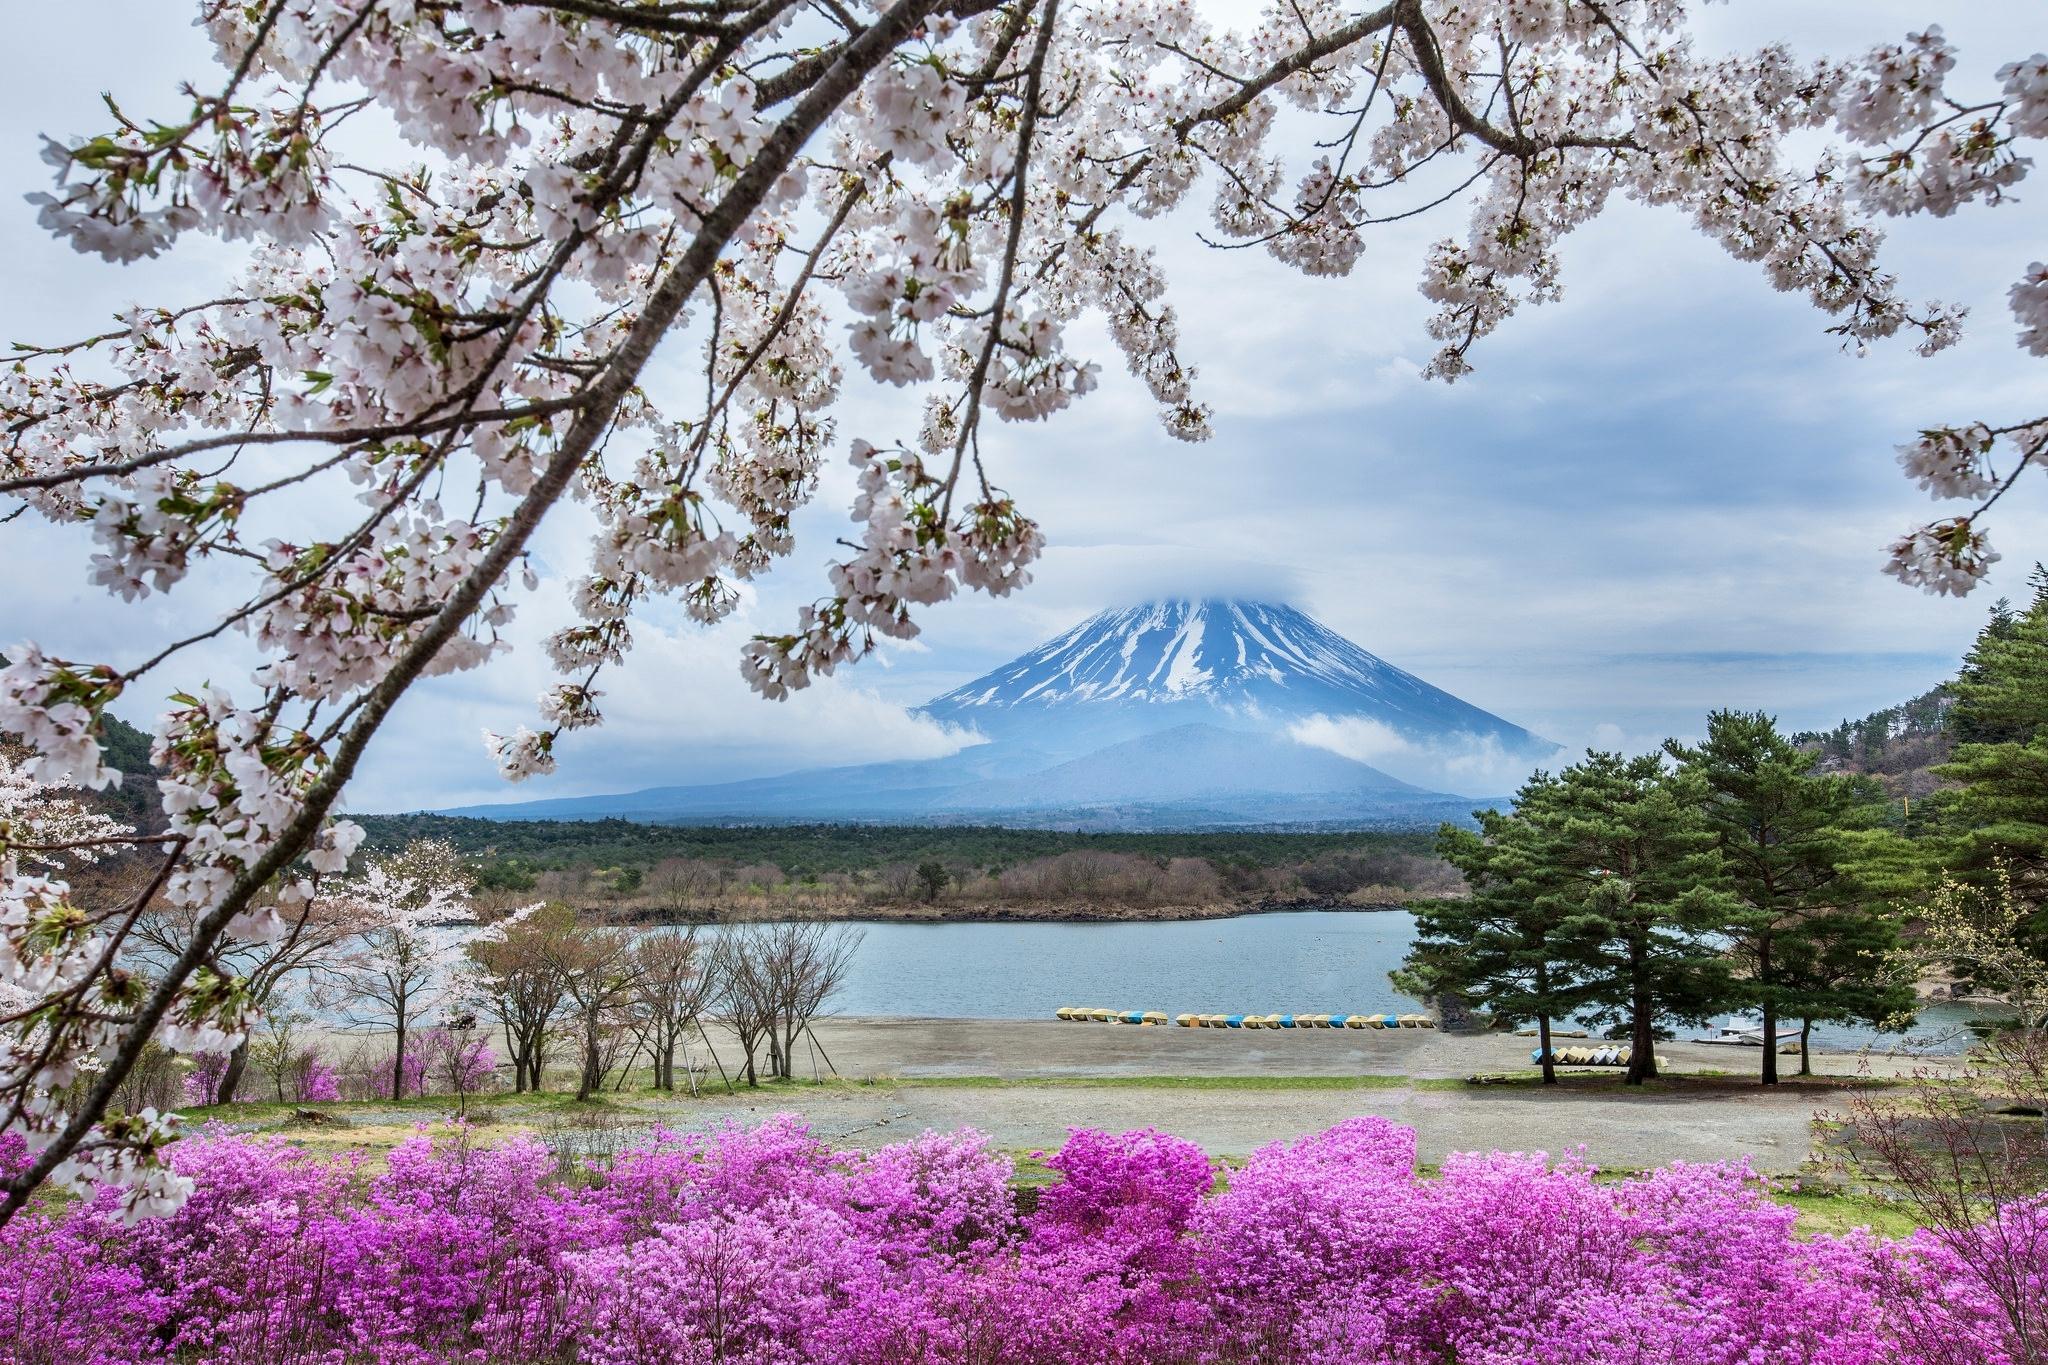 обои для рабочего стола весна япония № 60188 бесплатно